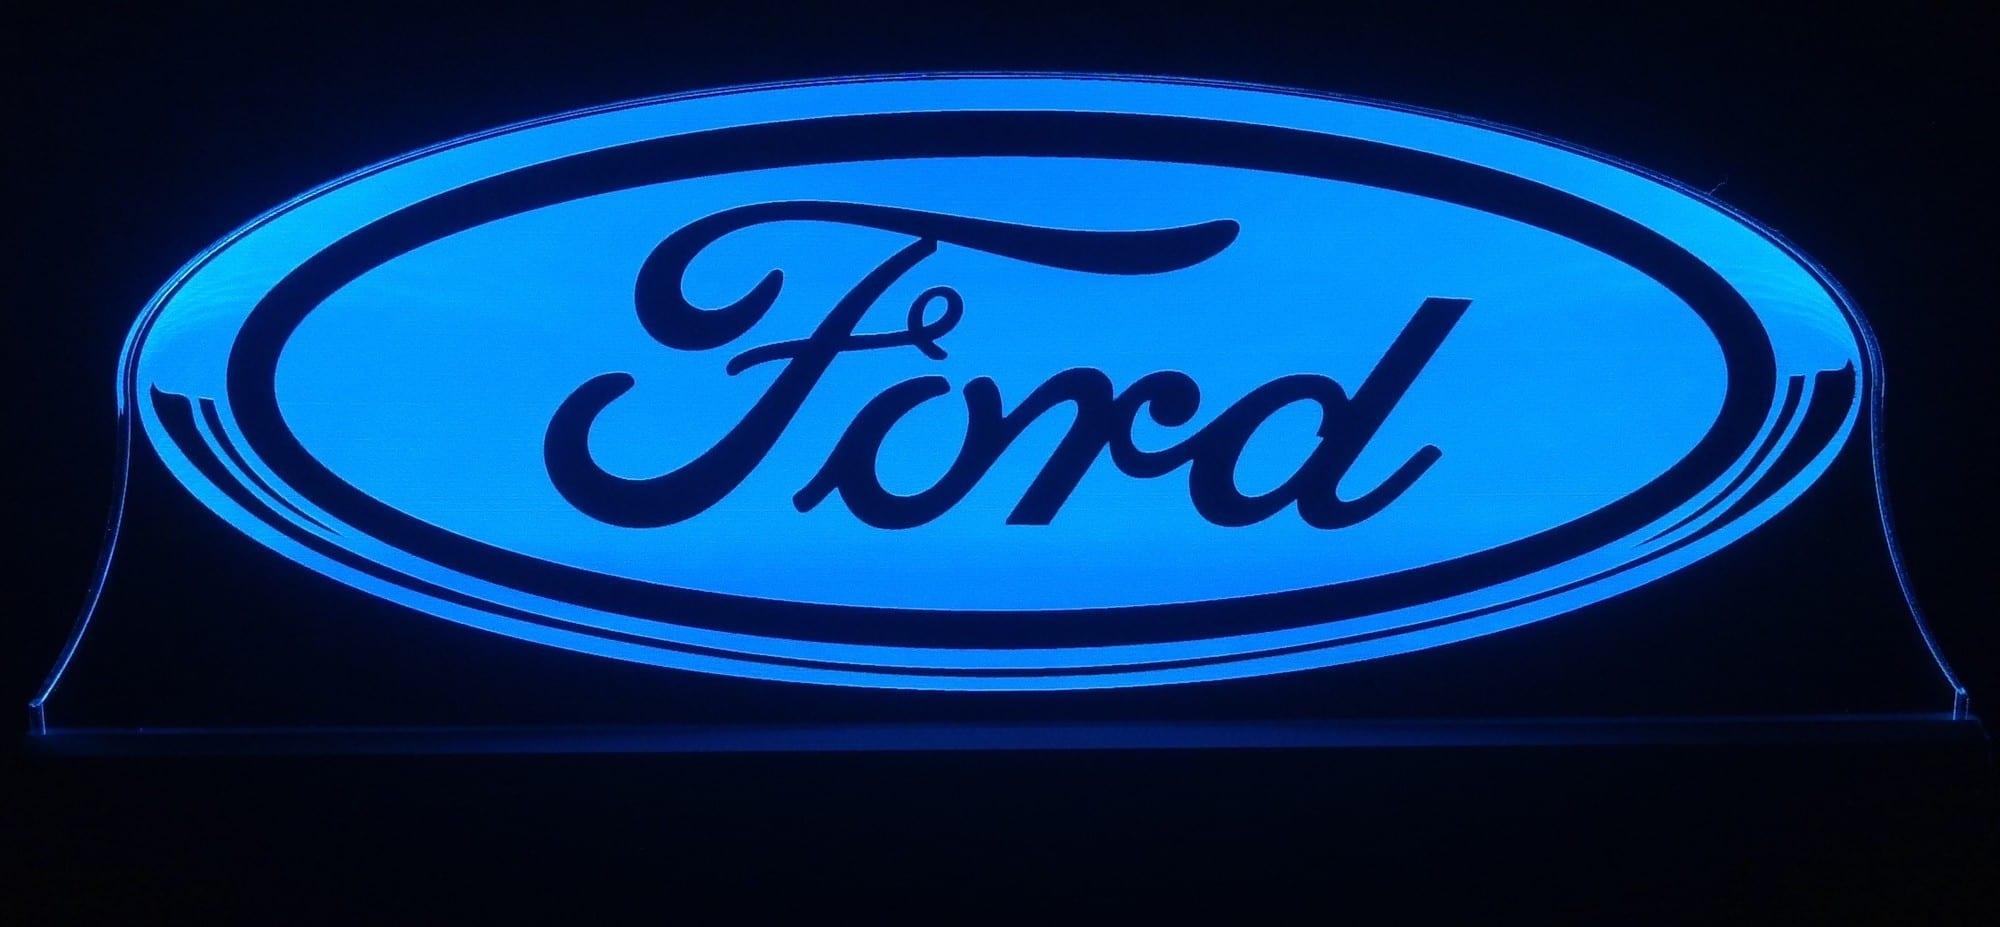 وكيل سيارة فورد في السعودية